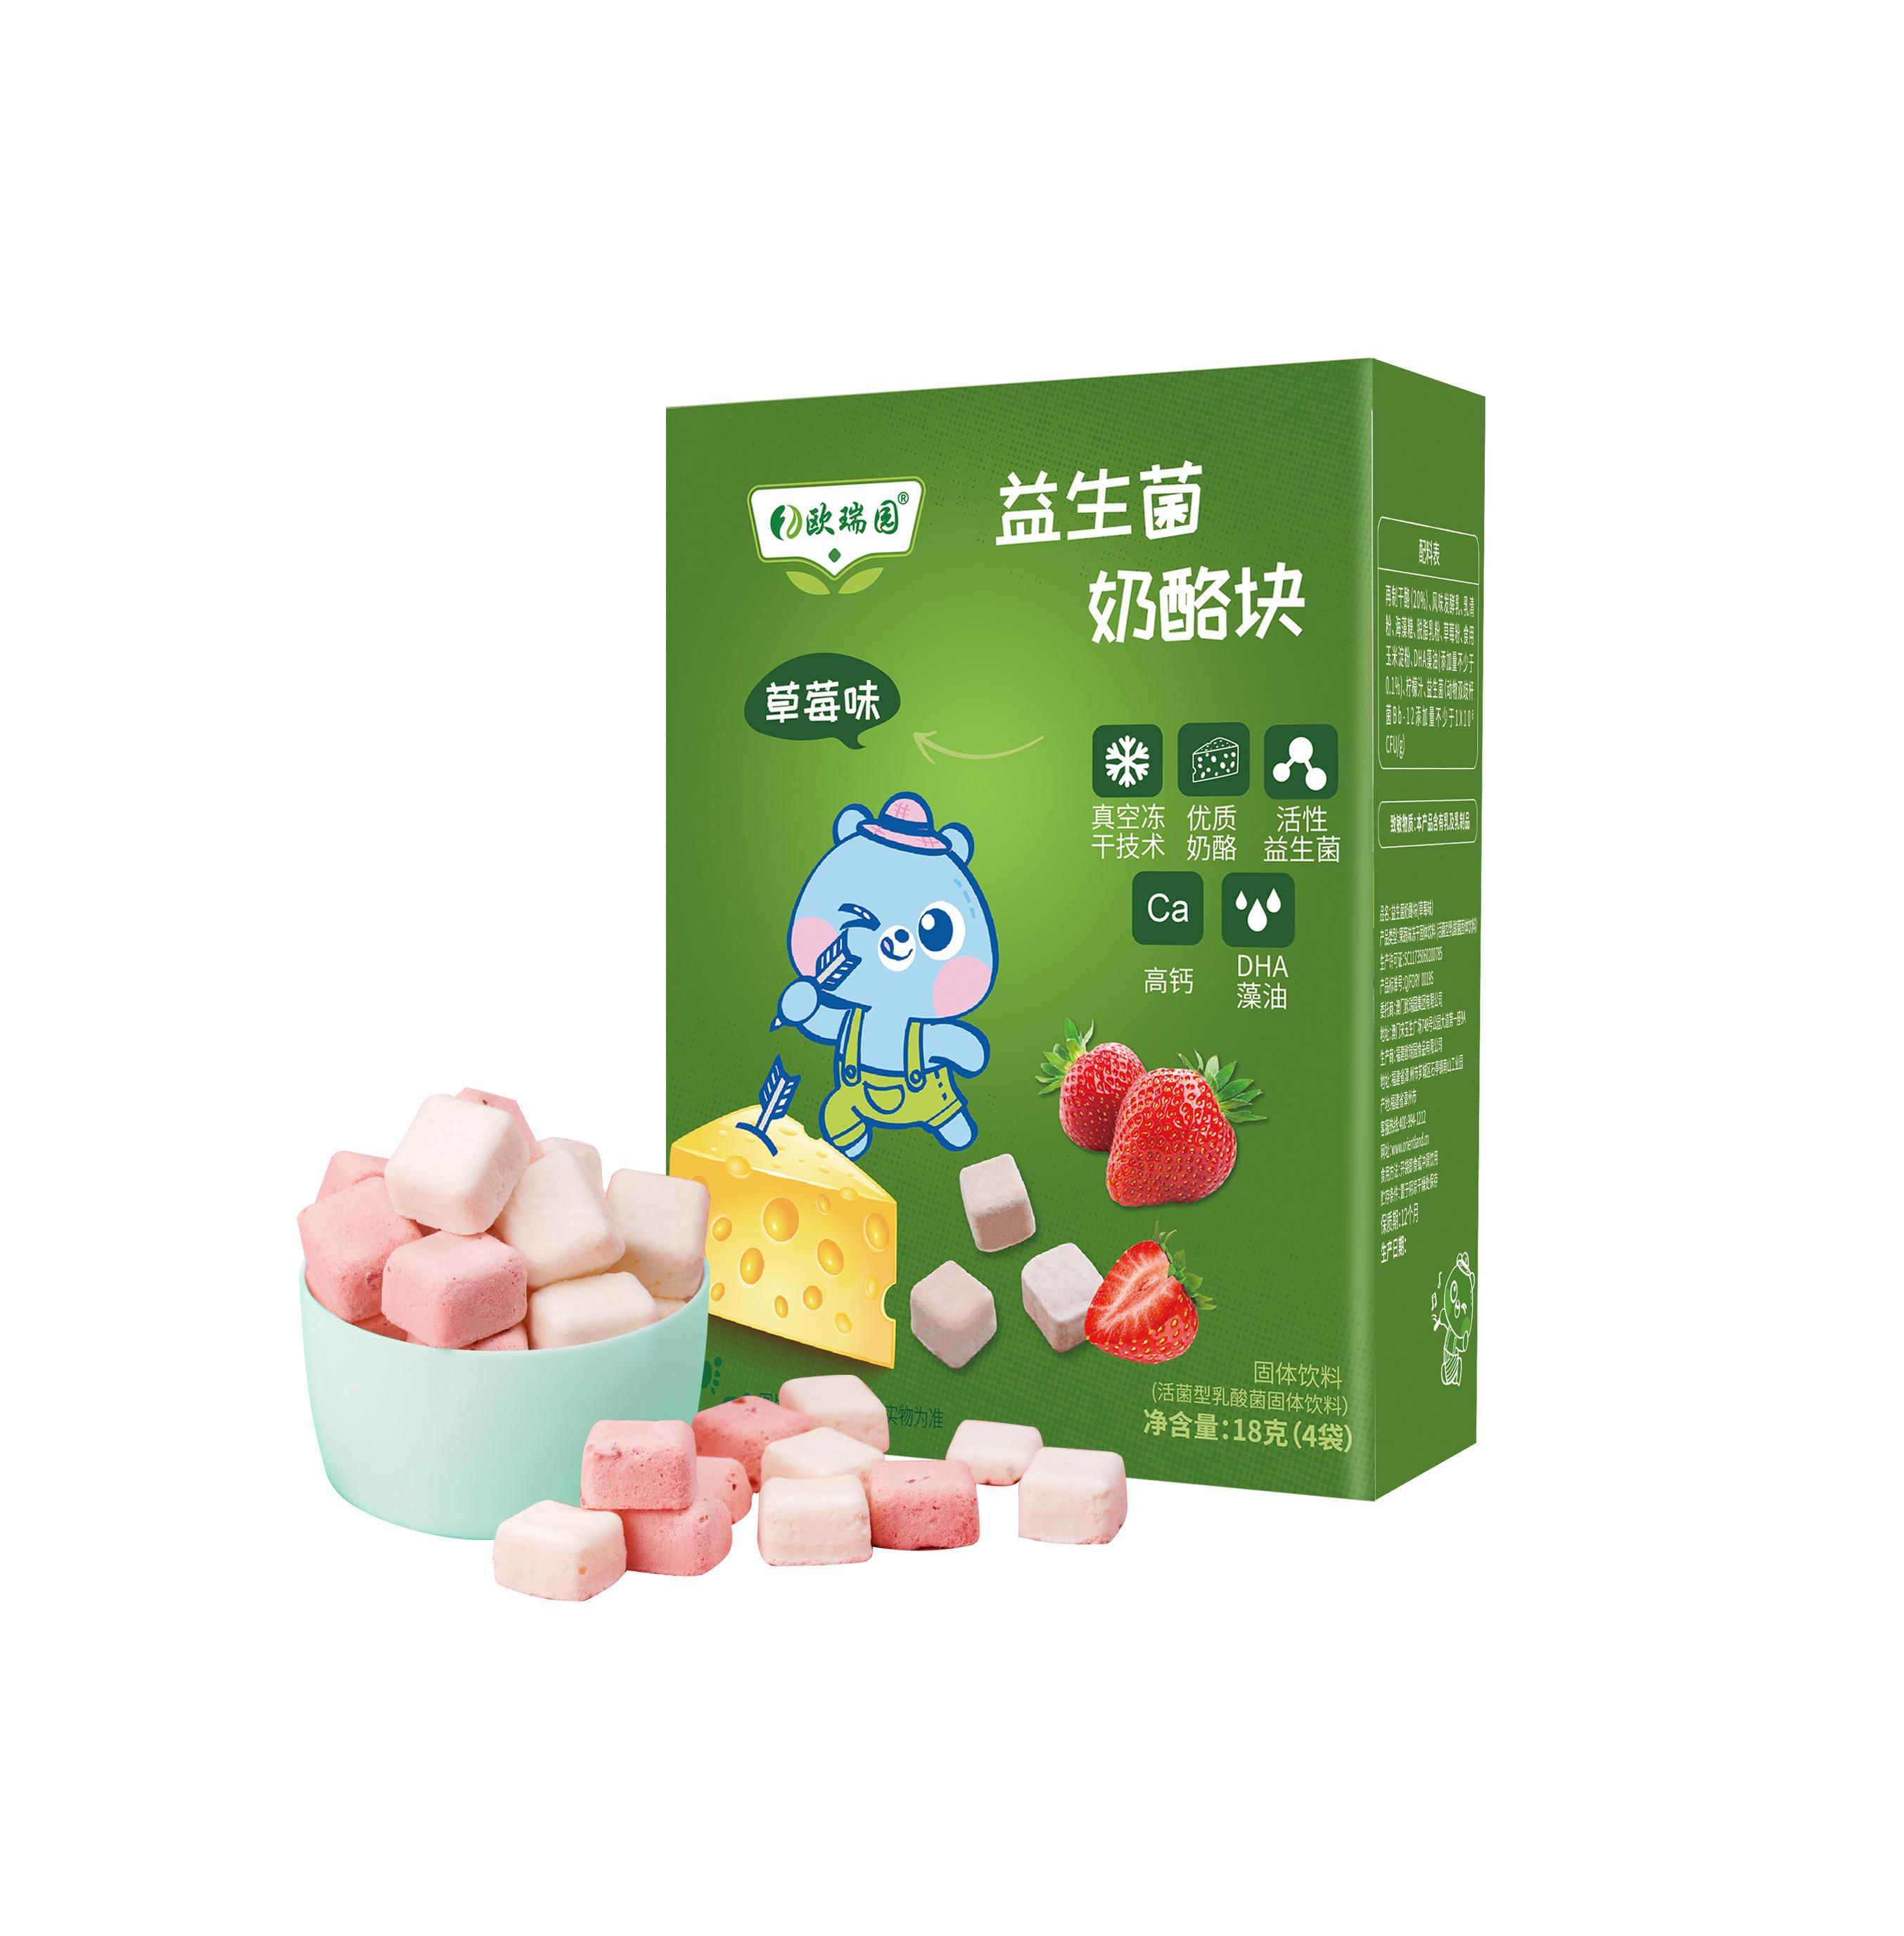 益生菌酸奶塊(草莓味)